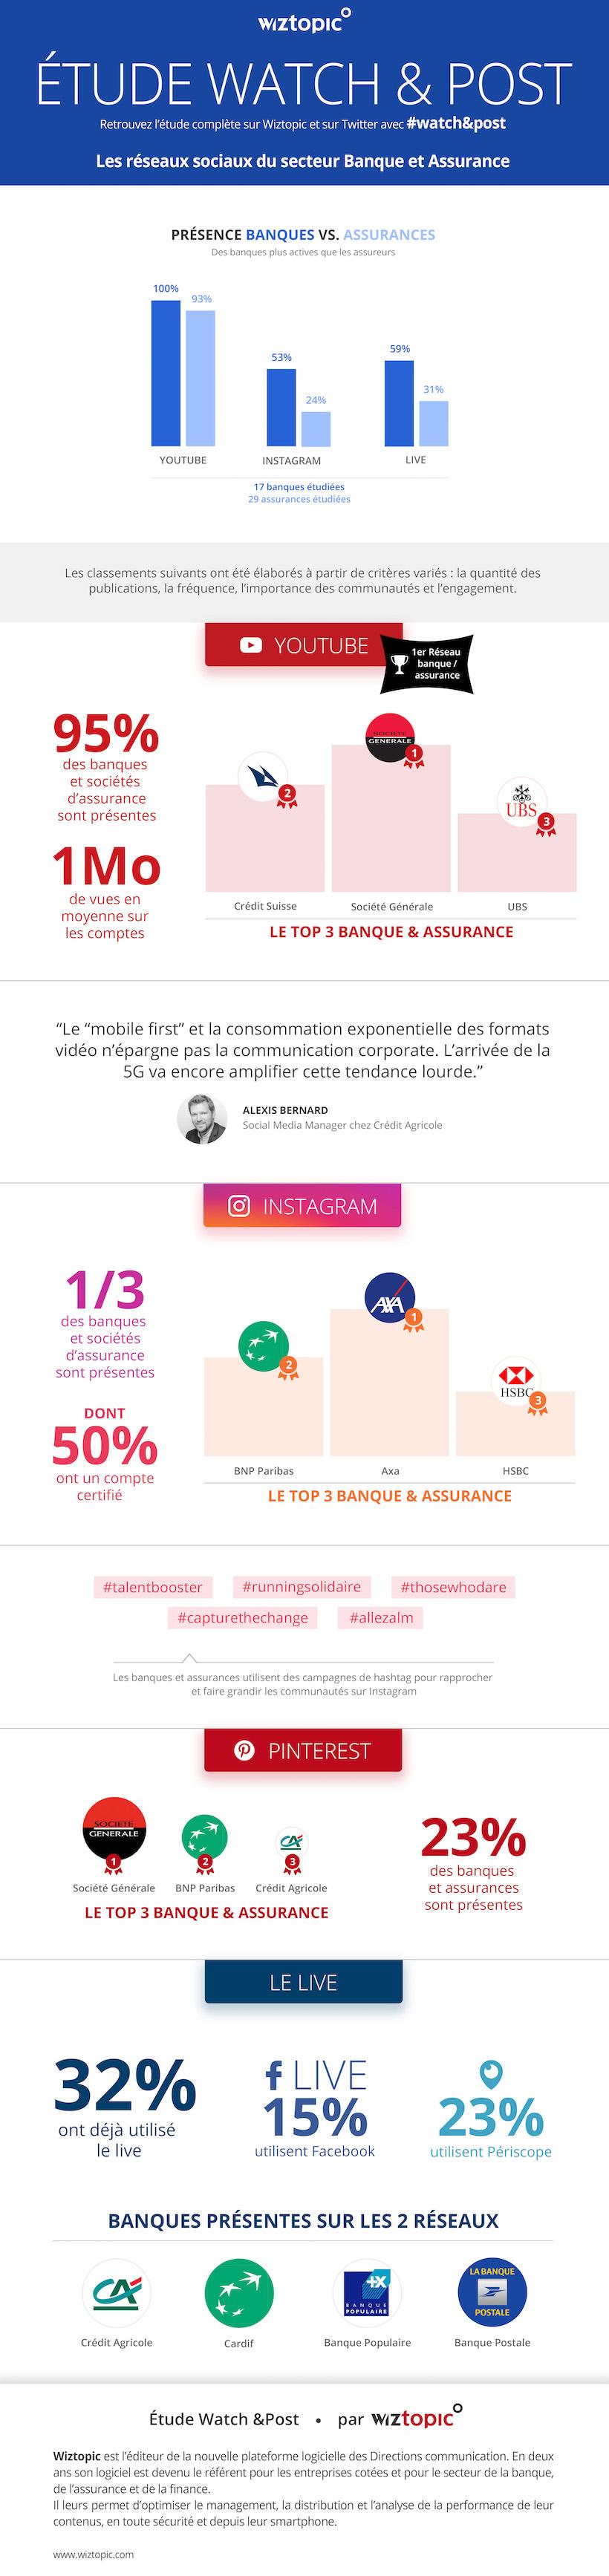 Infographie Watch Post usages réseaux sociaux par les banques et assurances